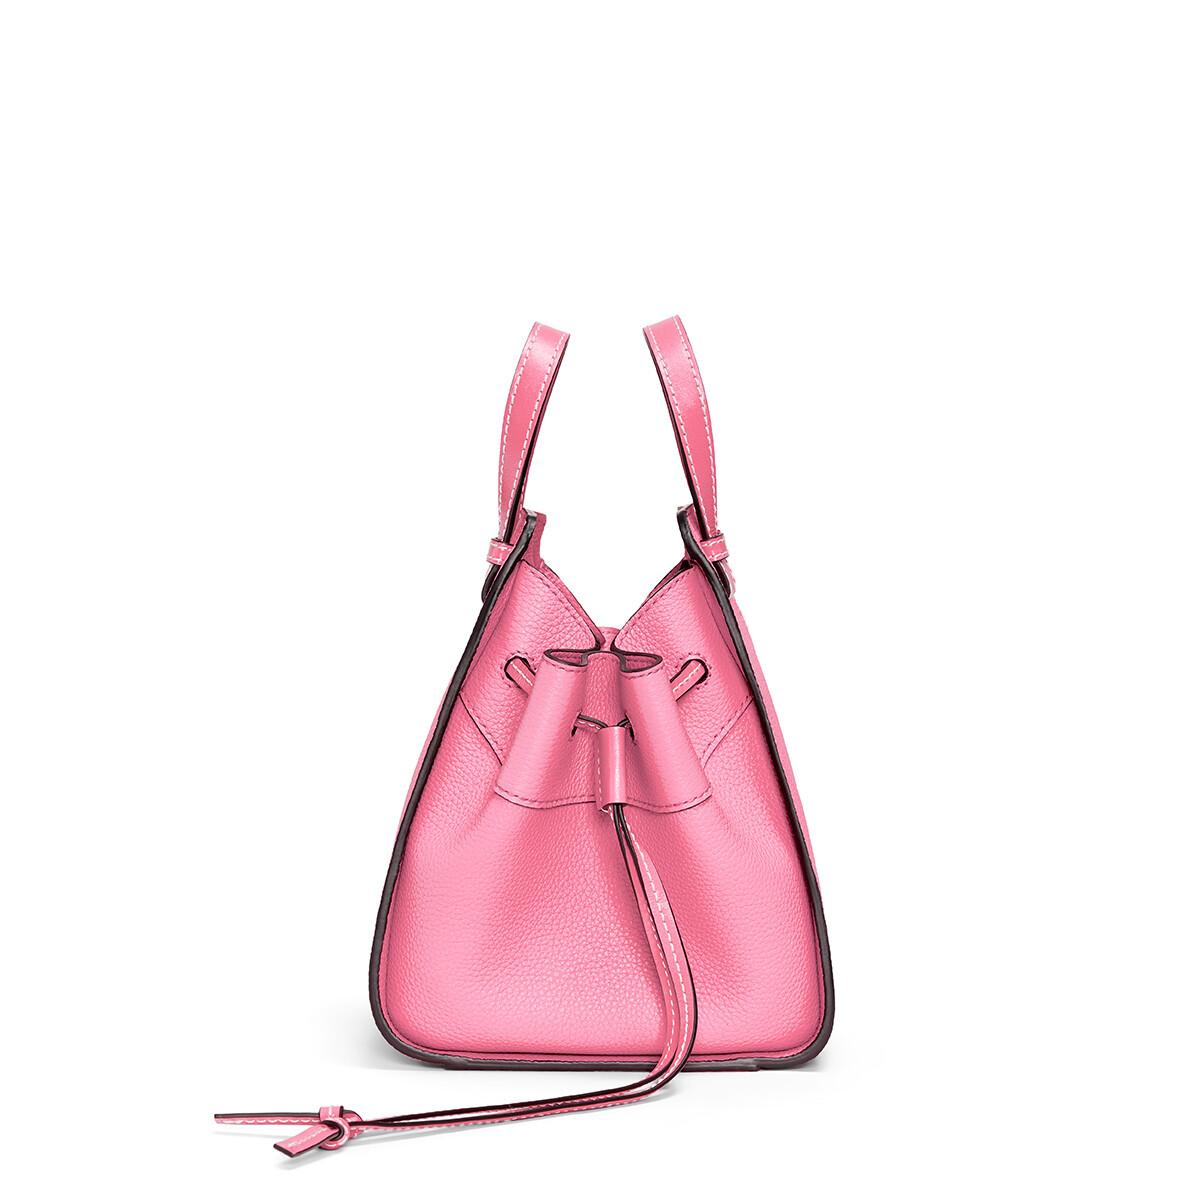 LOEWE Hammock Drawstring Mini Bag Wild Rose front